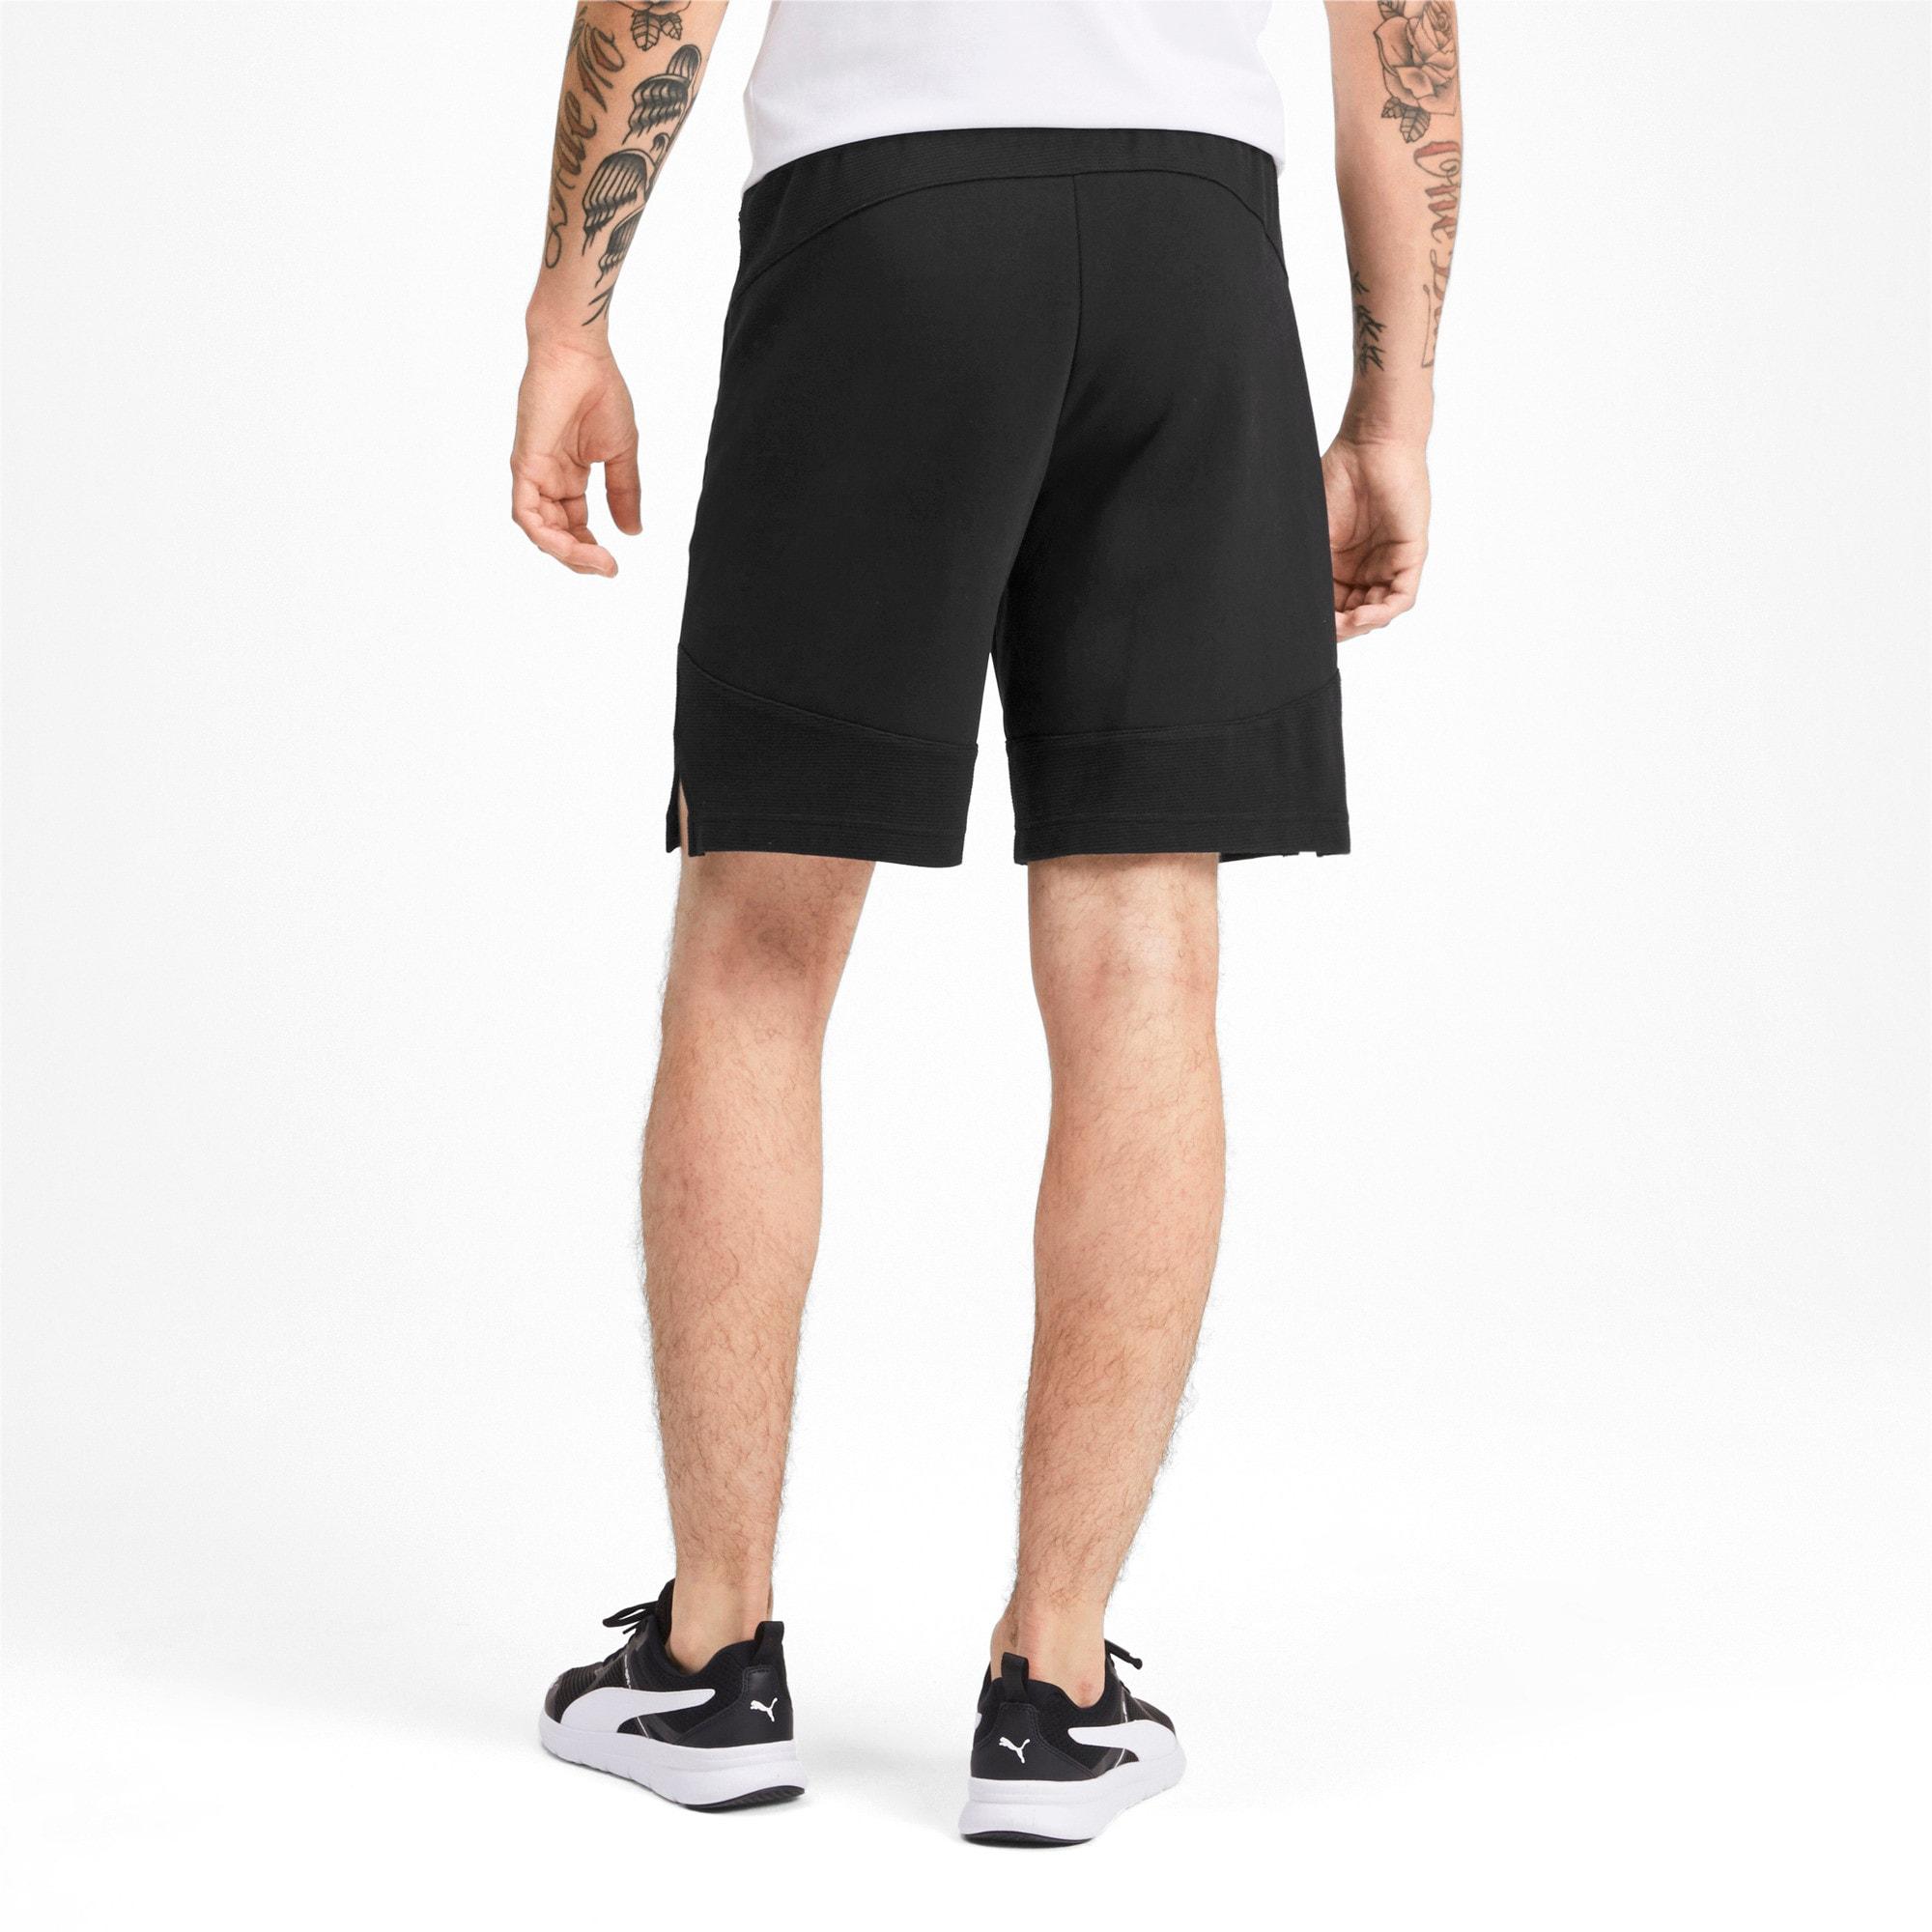 Thumbnail 2 of Evostripe Men's Shorts, Puma Black, medium